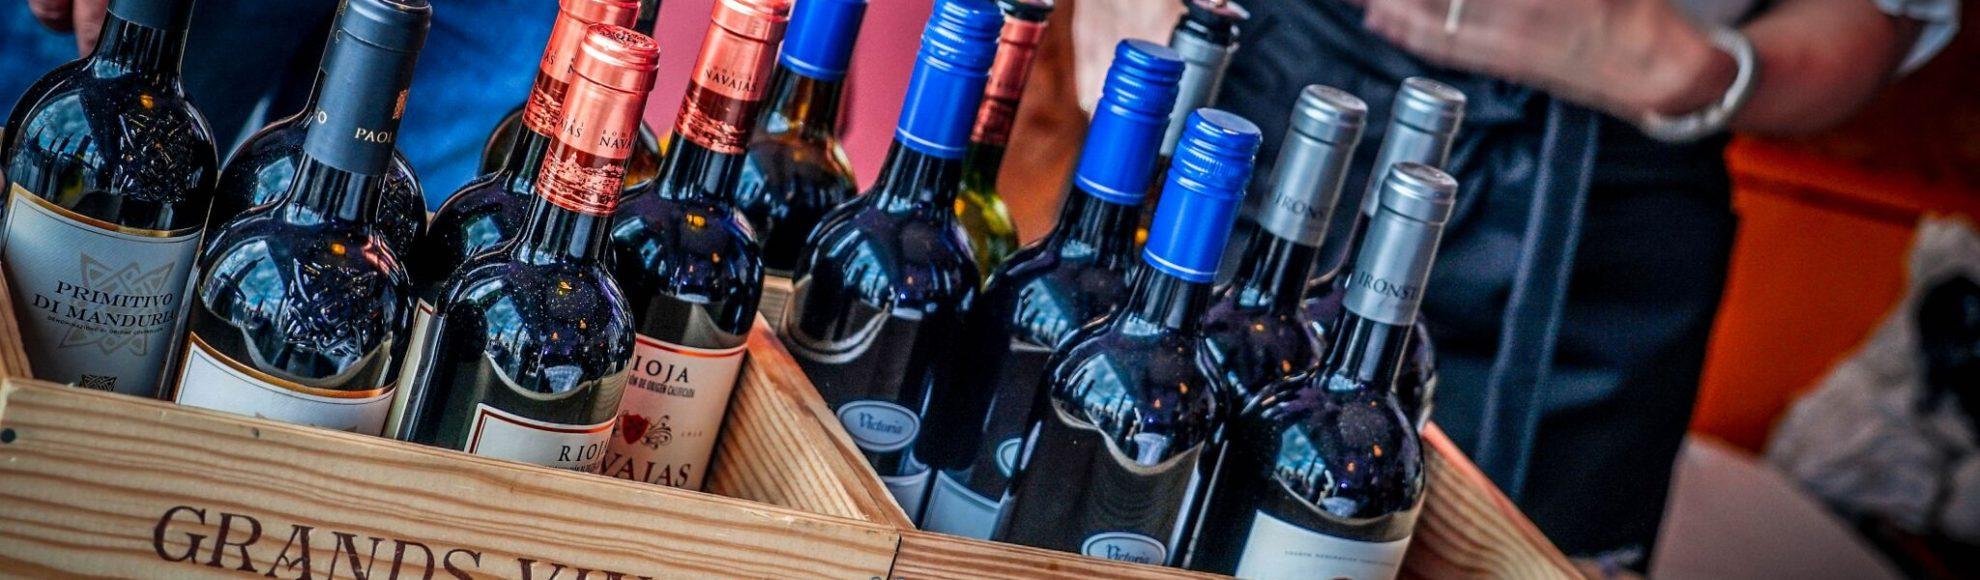 wine bottles at pop-up